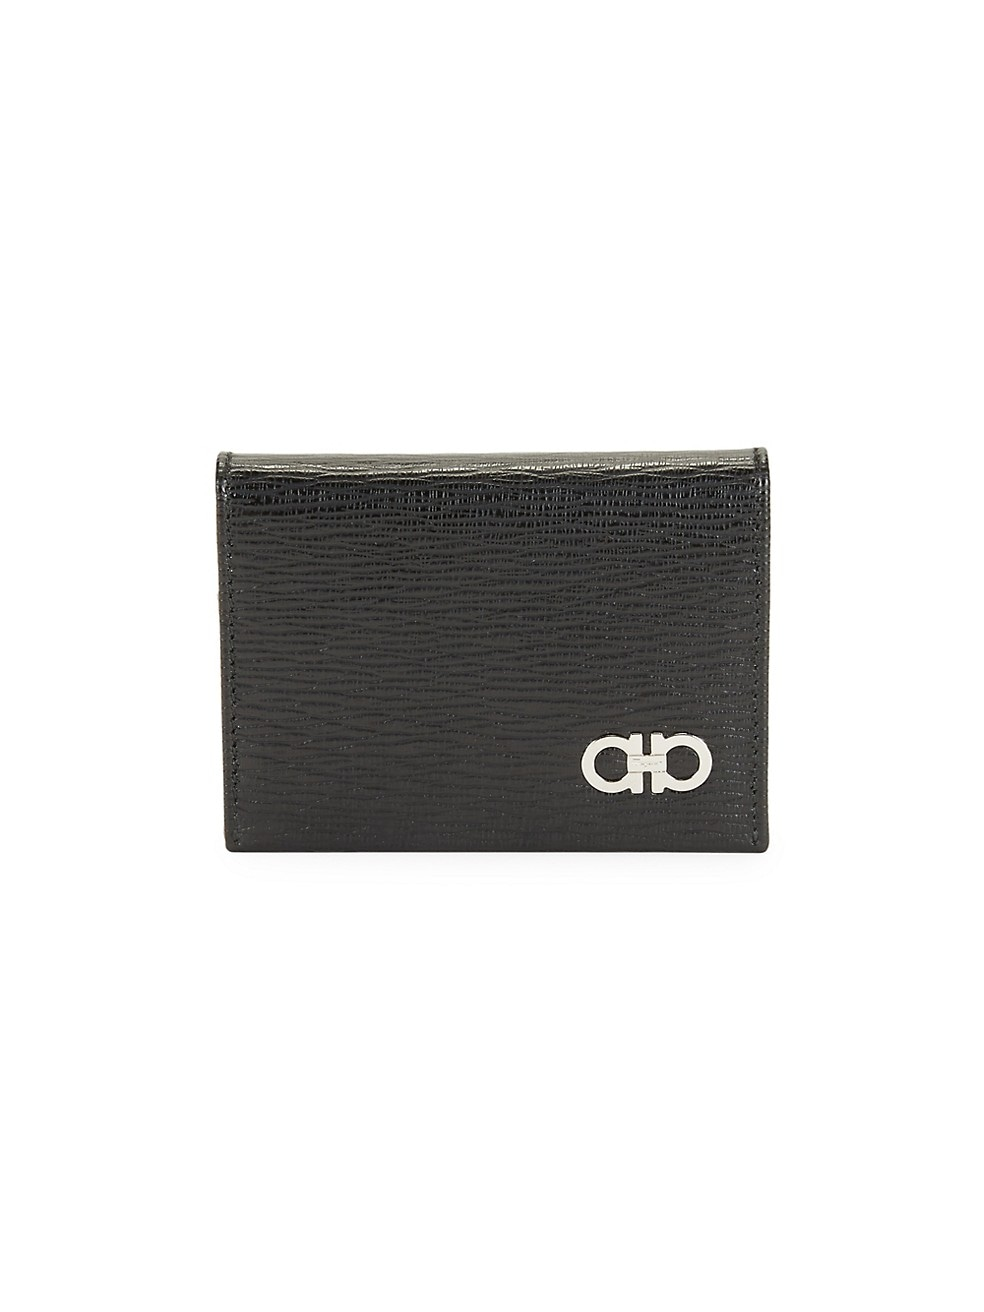 페라가모 Salvatore Ferragamo Revival Gancino Textured Leather Card Case,RED BLACK FERRAGAMO